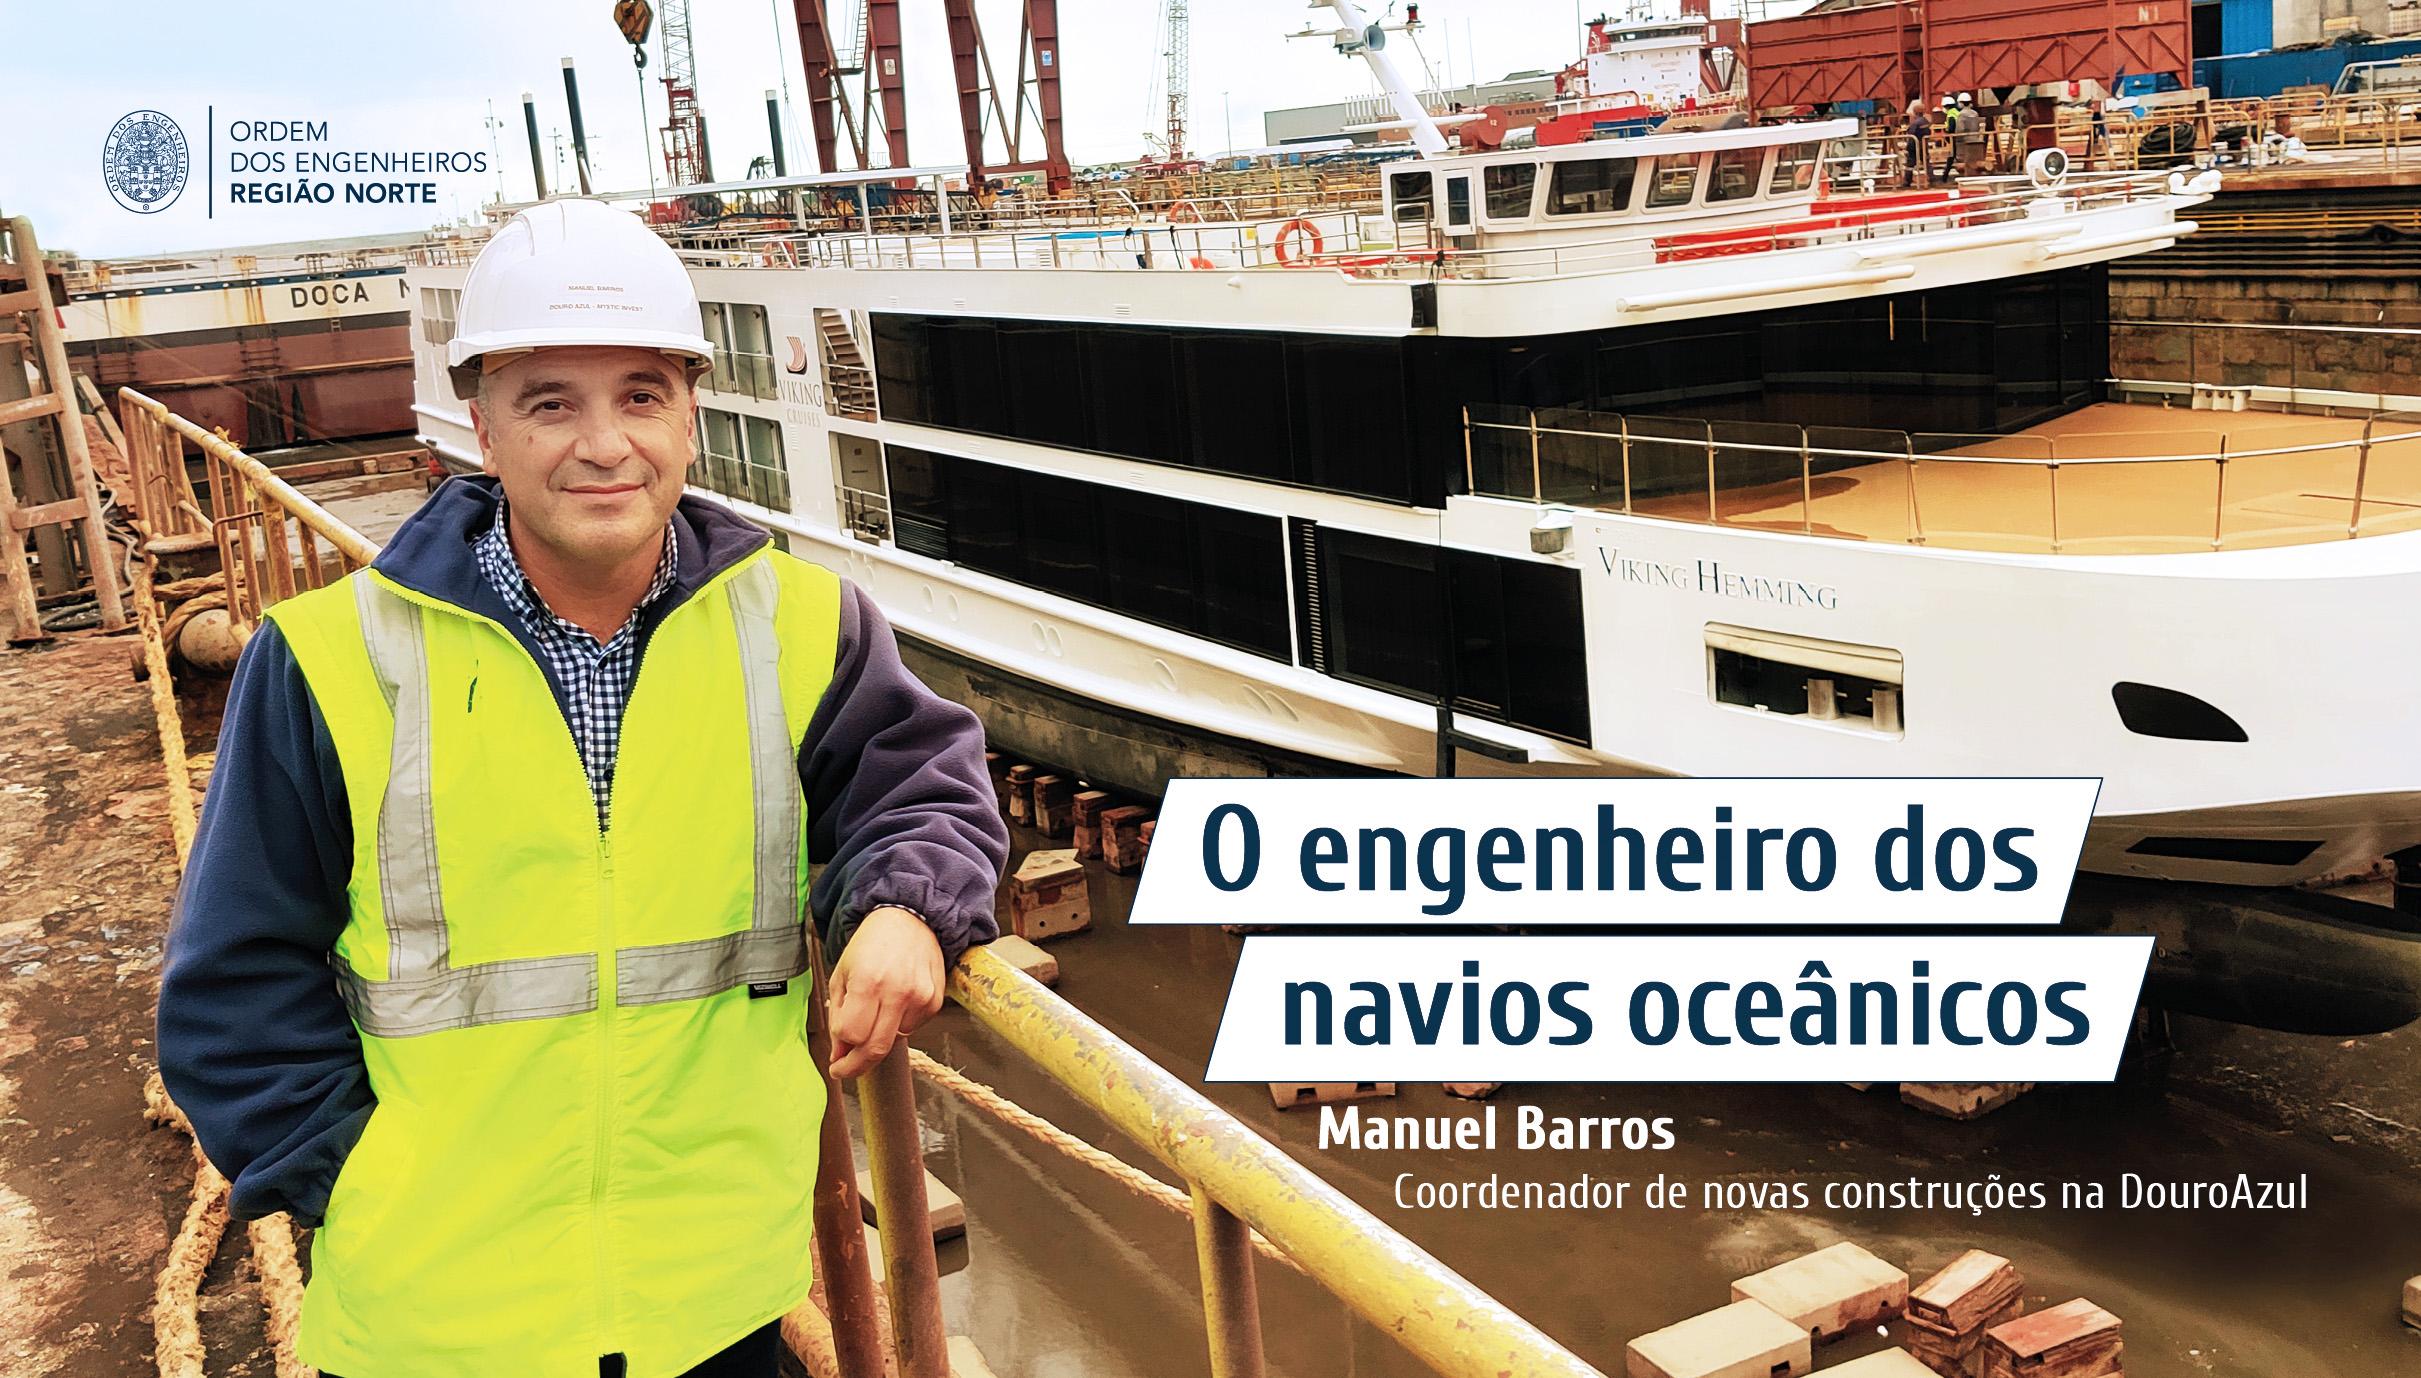 Plataforma Notícias Ordem Engenheiros Região Norte - Grandes Entrevistas de Engenharia com… Manuel Barros